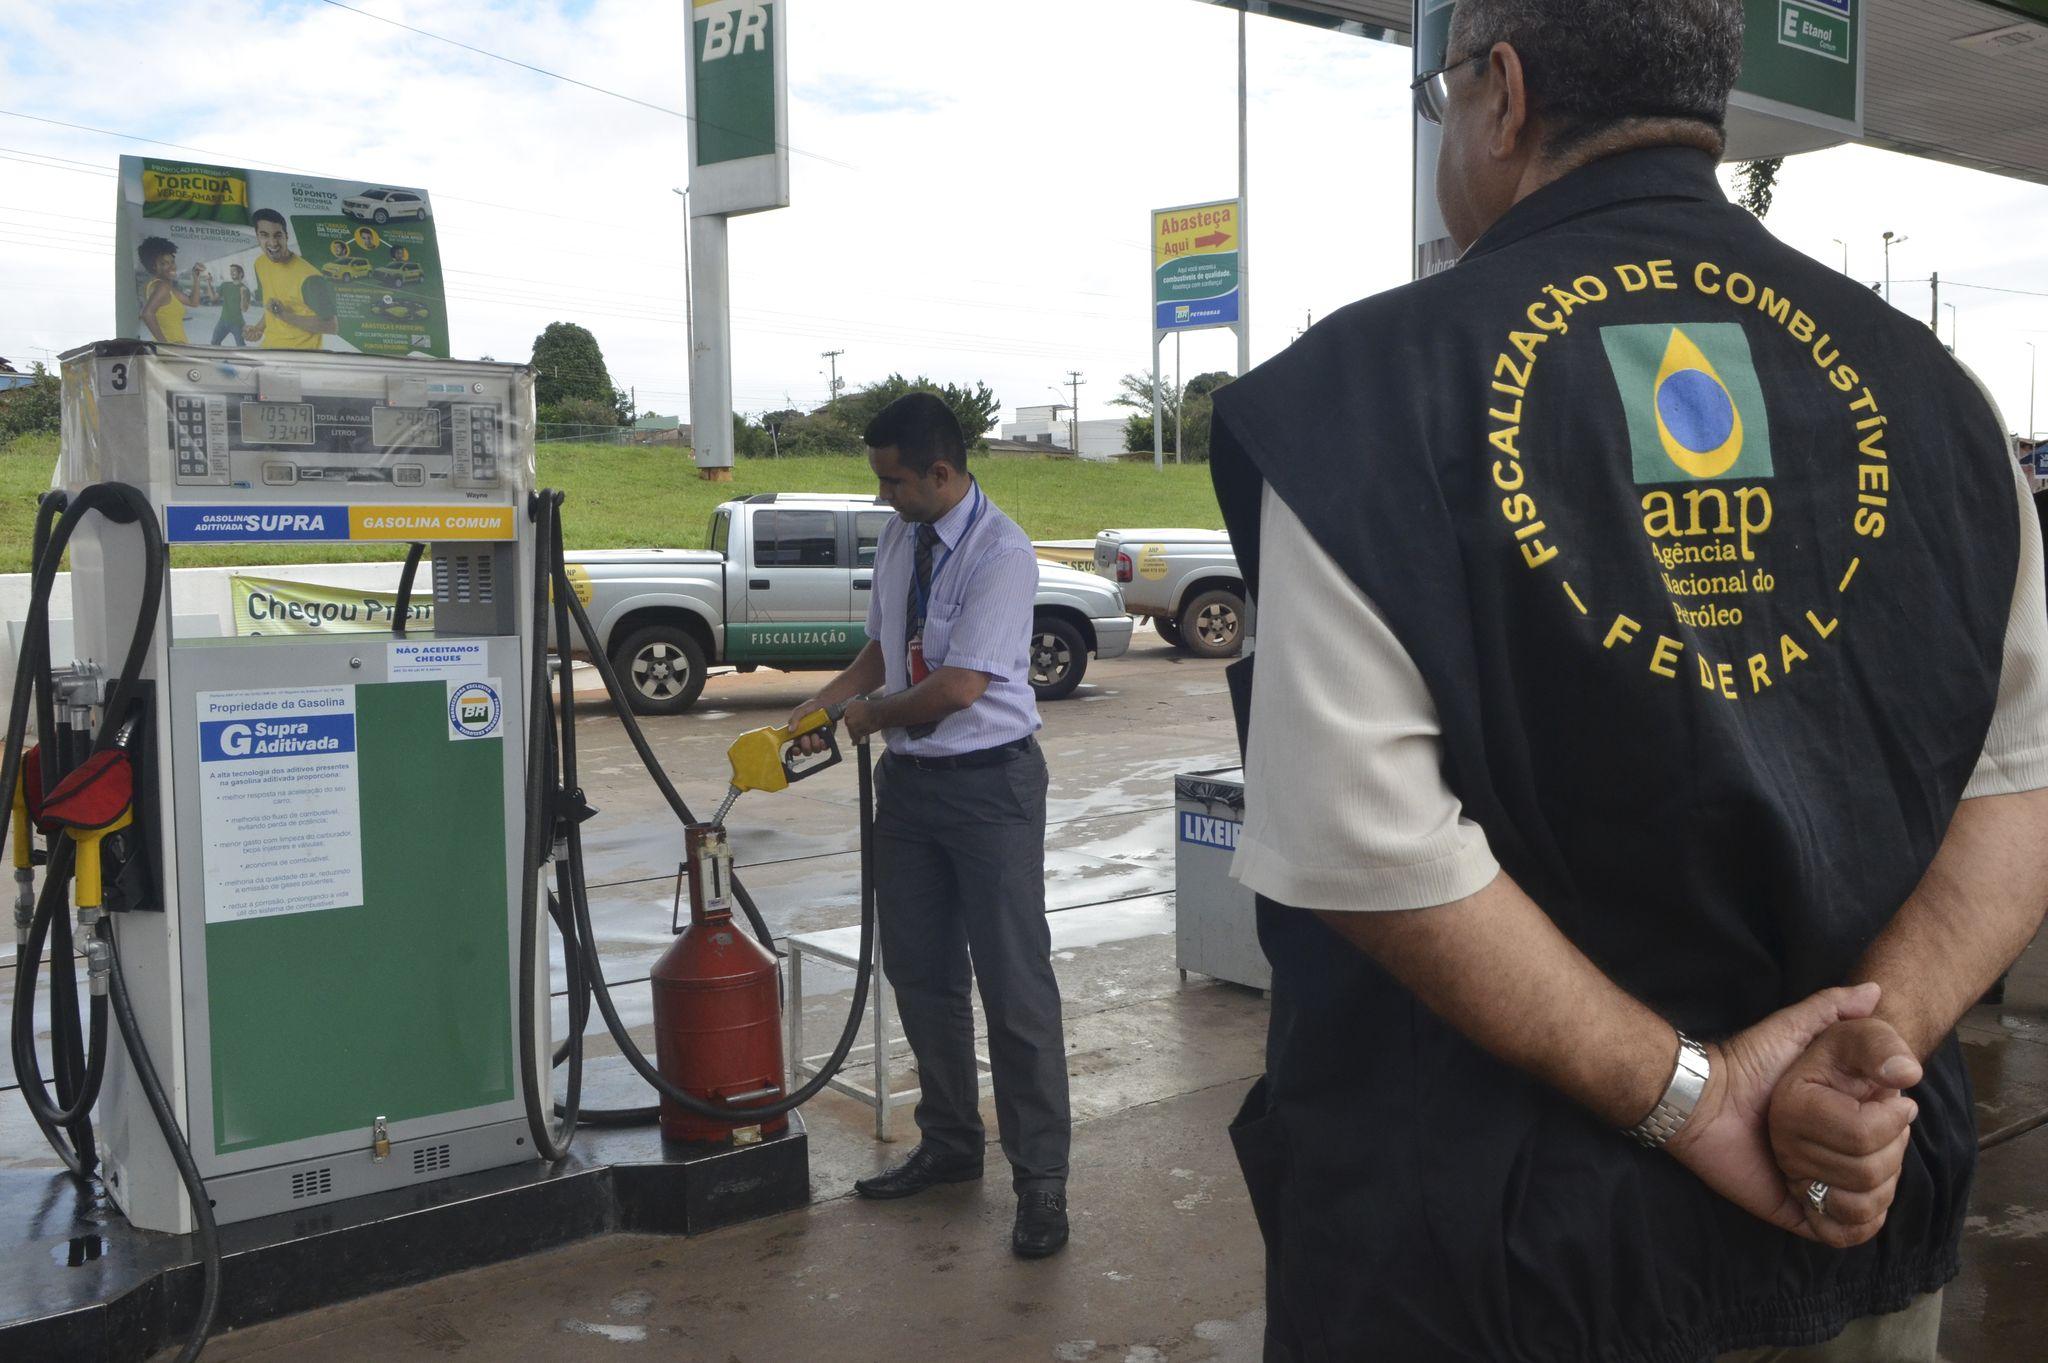 Macapá e Oiapoque: ANP encontra irregularidades em postos de combustíveis